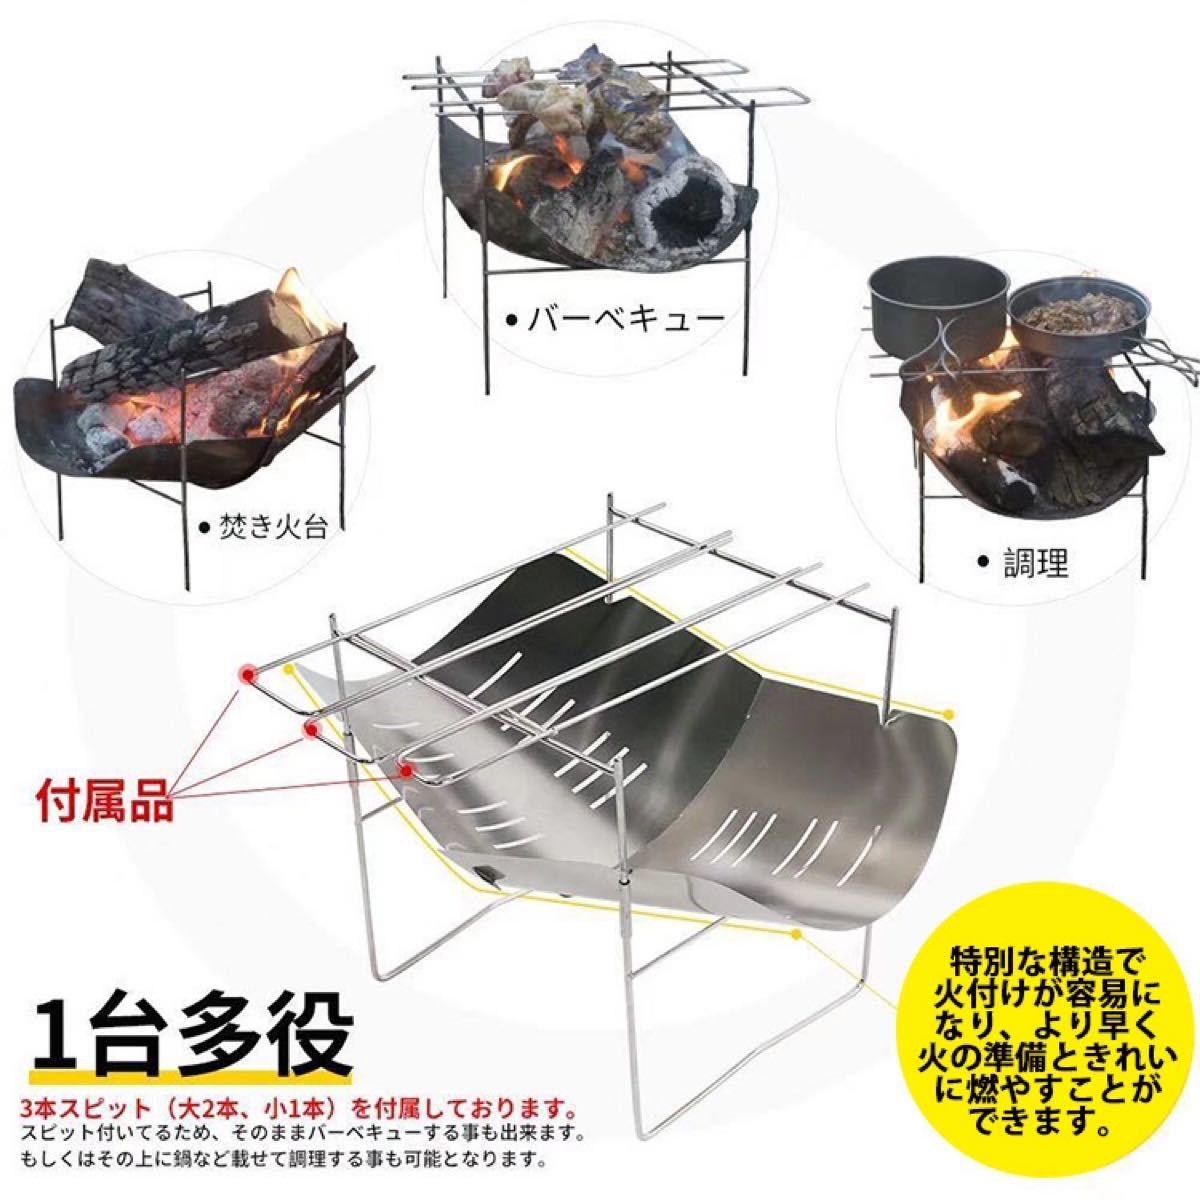 奇跡な在庫!残り僅か!Soomloom正規品 1年保証付き 焚き火台折り畳み式